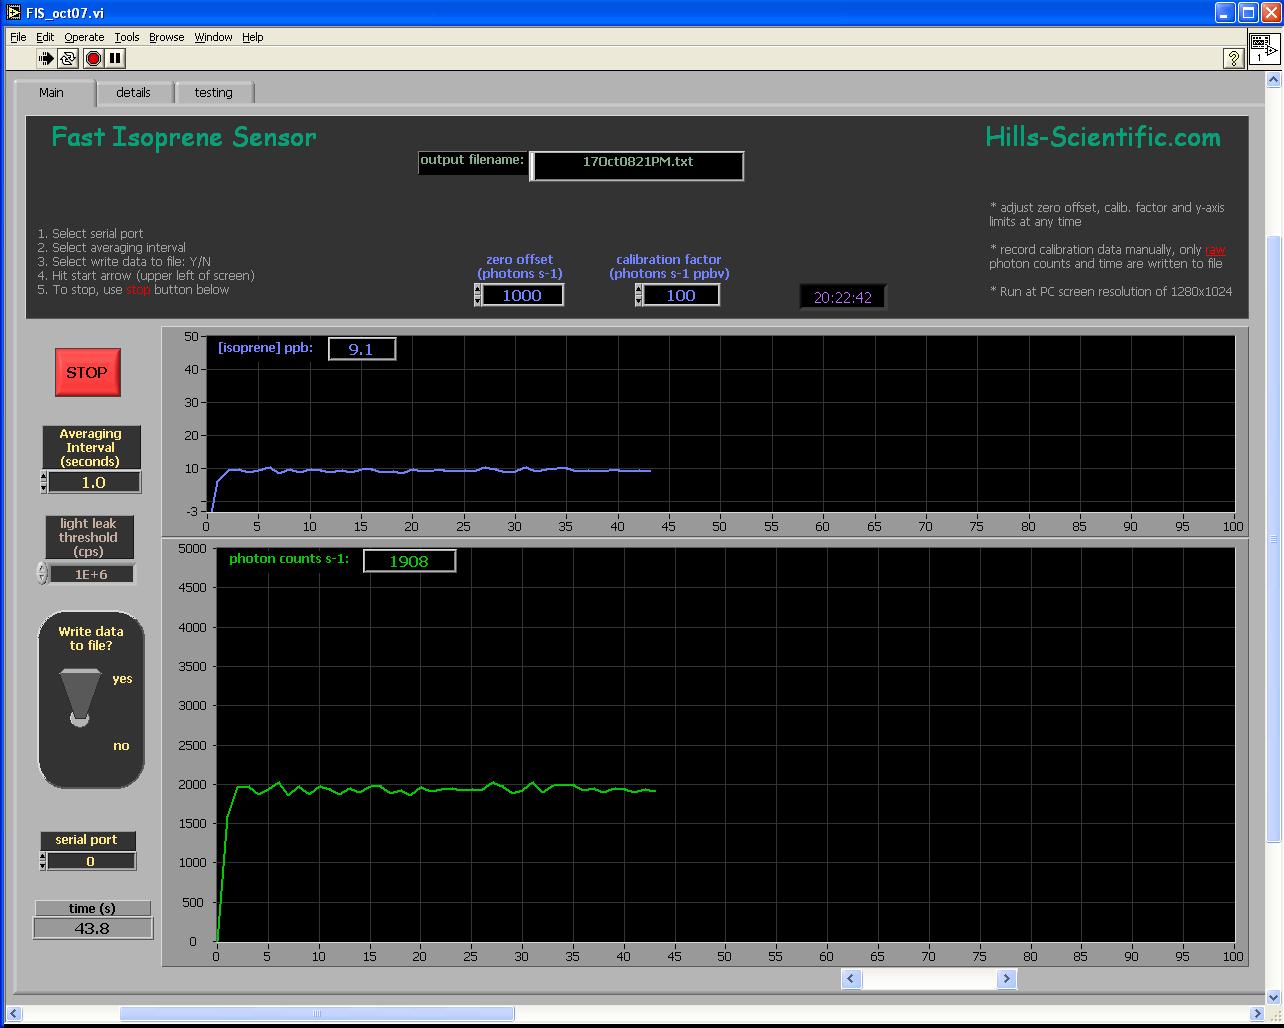 FISsoftware2oct07